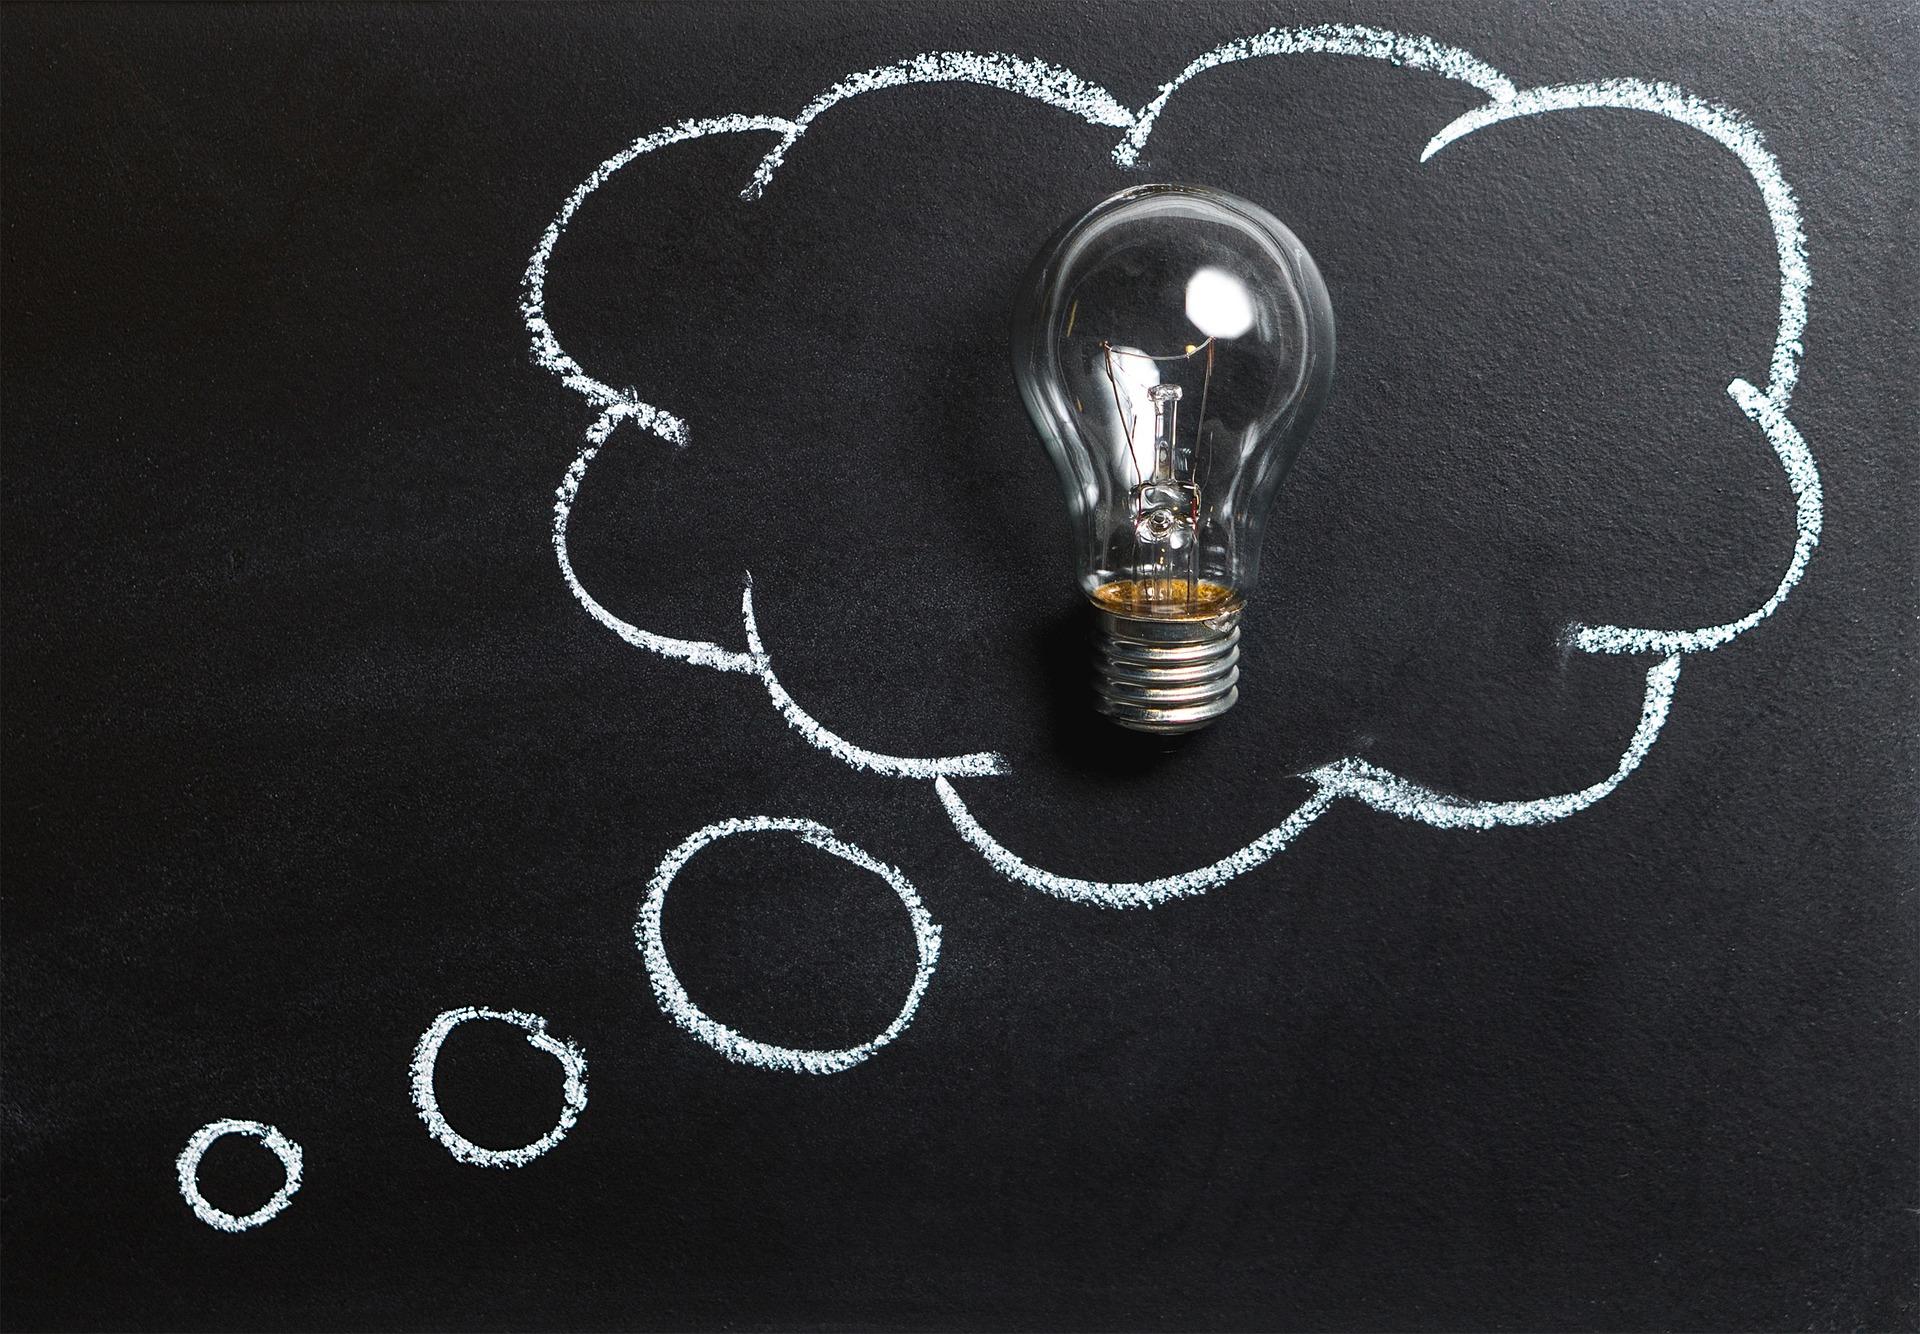 Oszczędzaj na rachunkach z taryfą energii dopasowaną do potrzeb